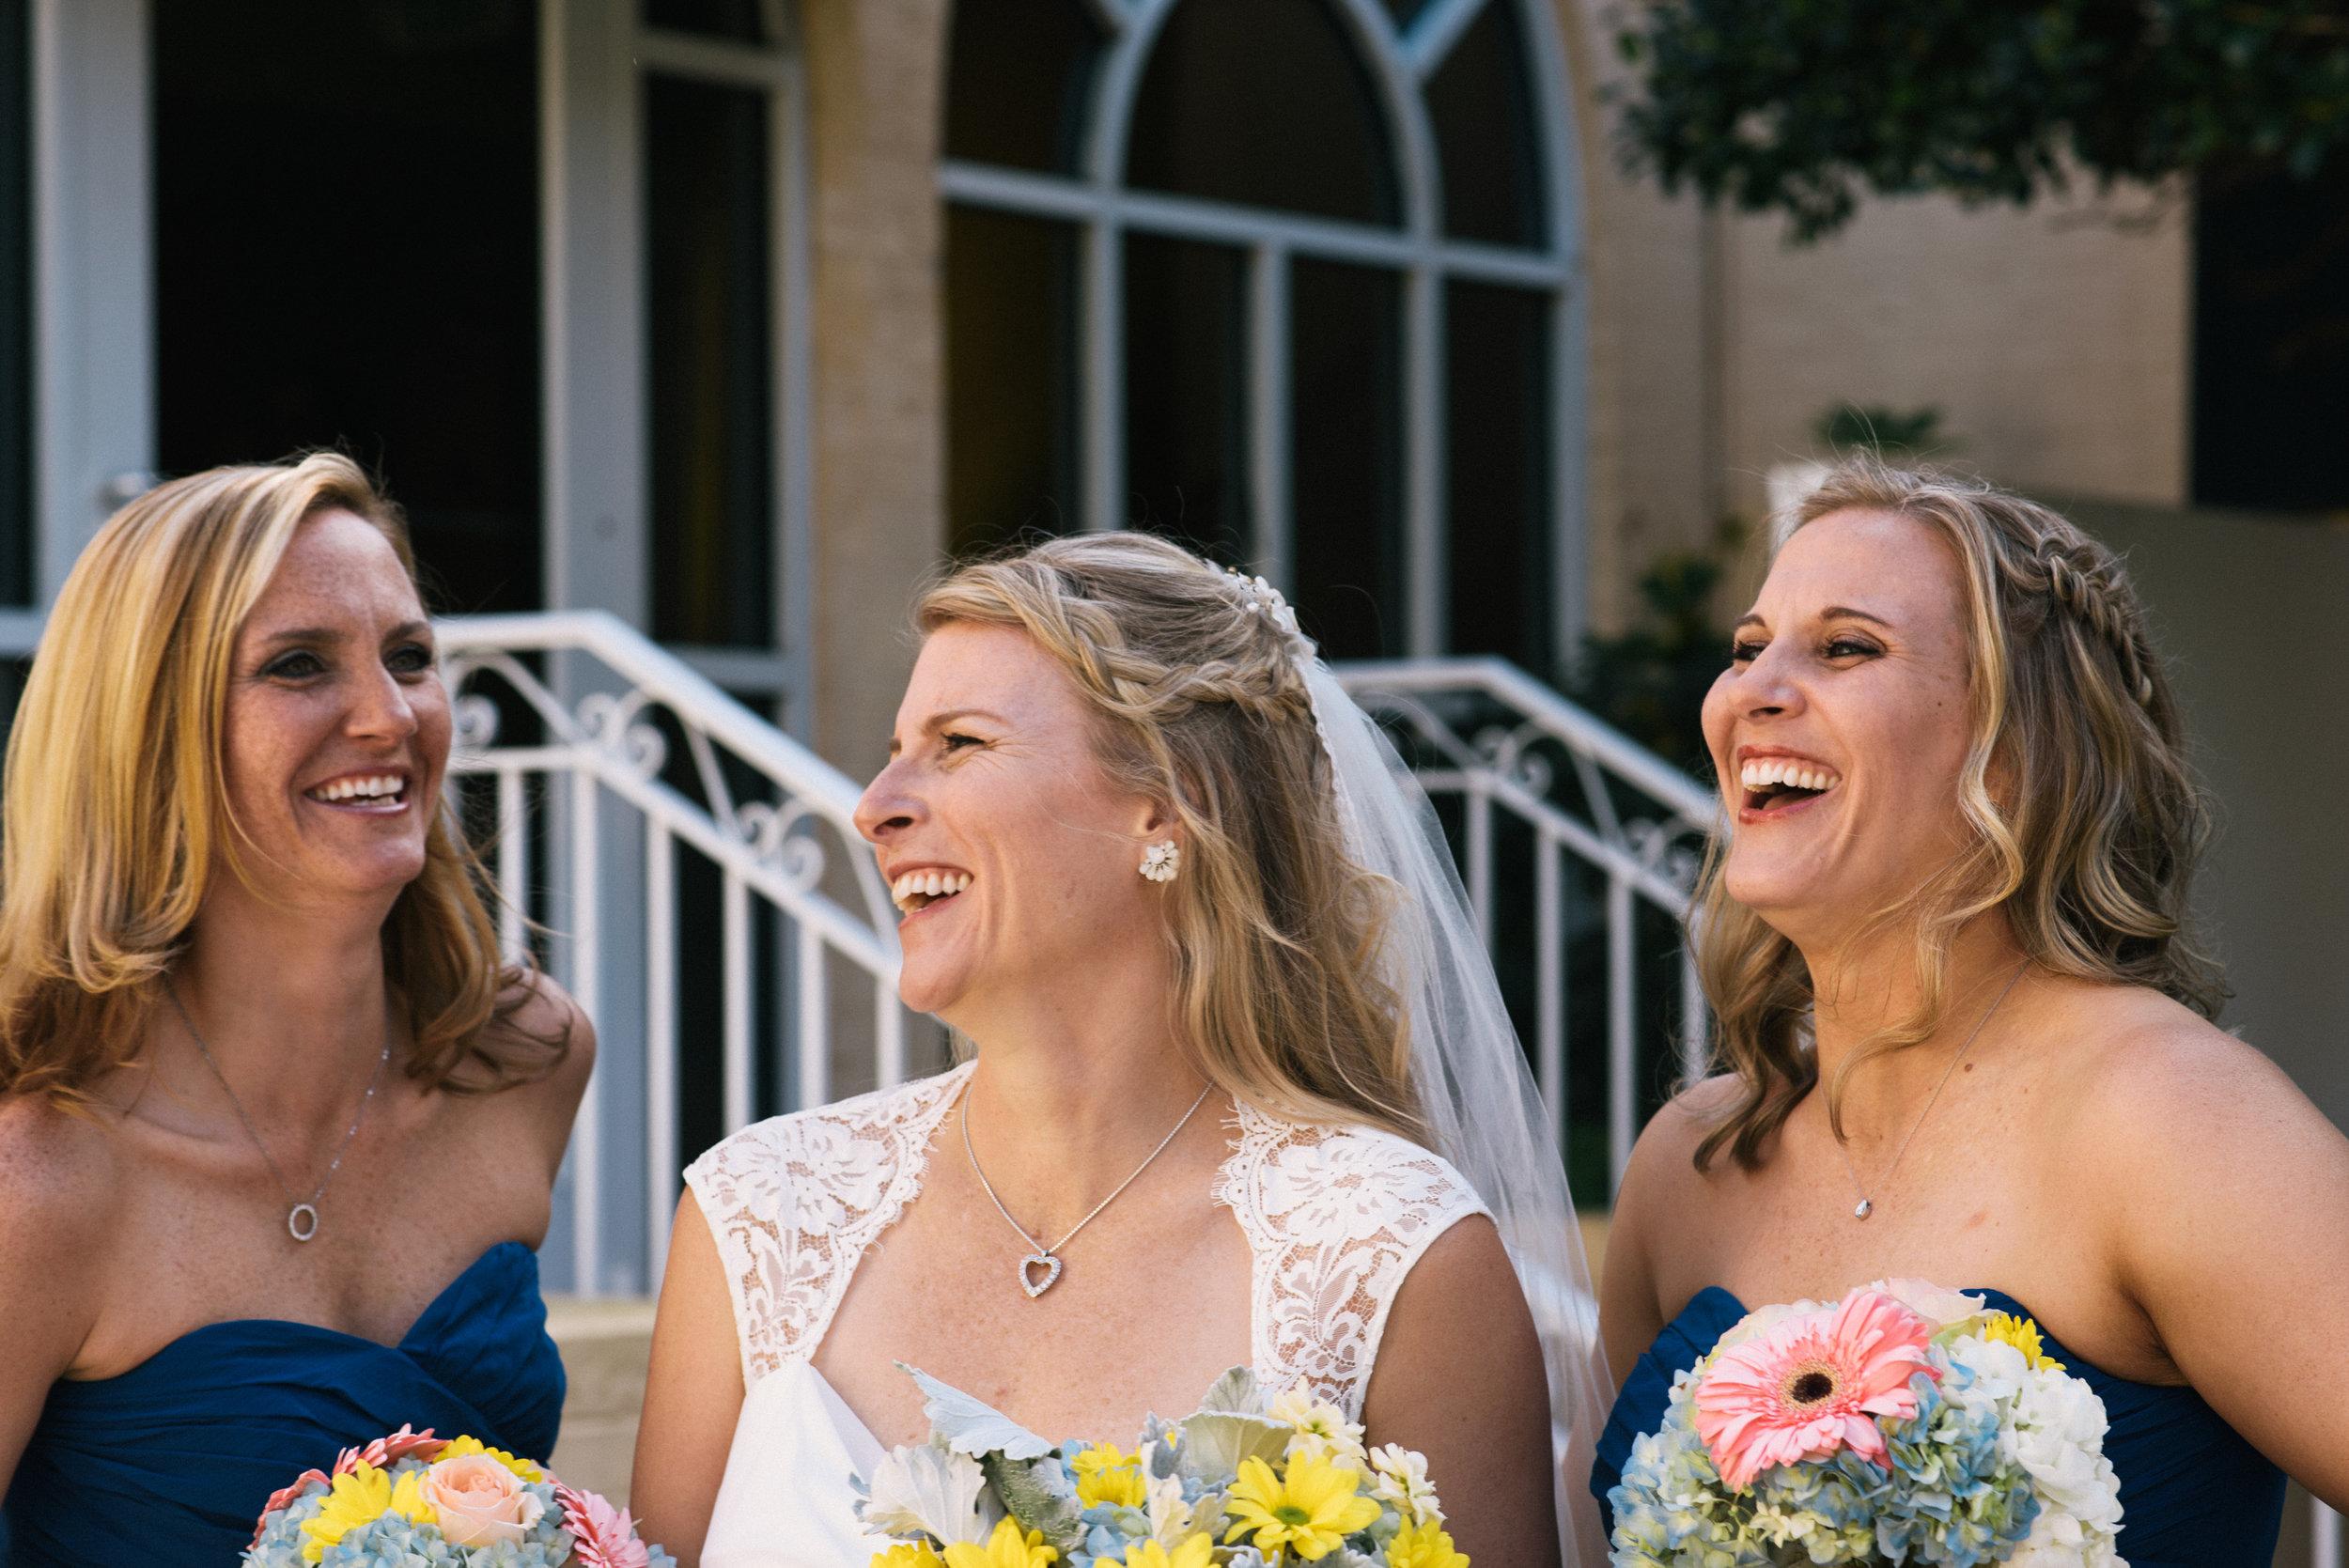 st-simons-island-elopement-photographer-savannah-elopement-photography-savannah-georgia-elopement-photographer-savannah-wedding-photographer-meg-hill-photo-jade-hill- (23 of 72).jpg